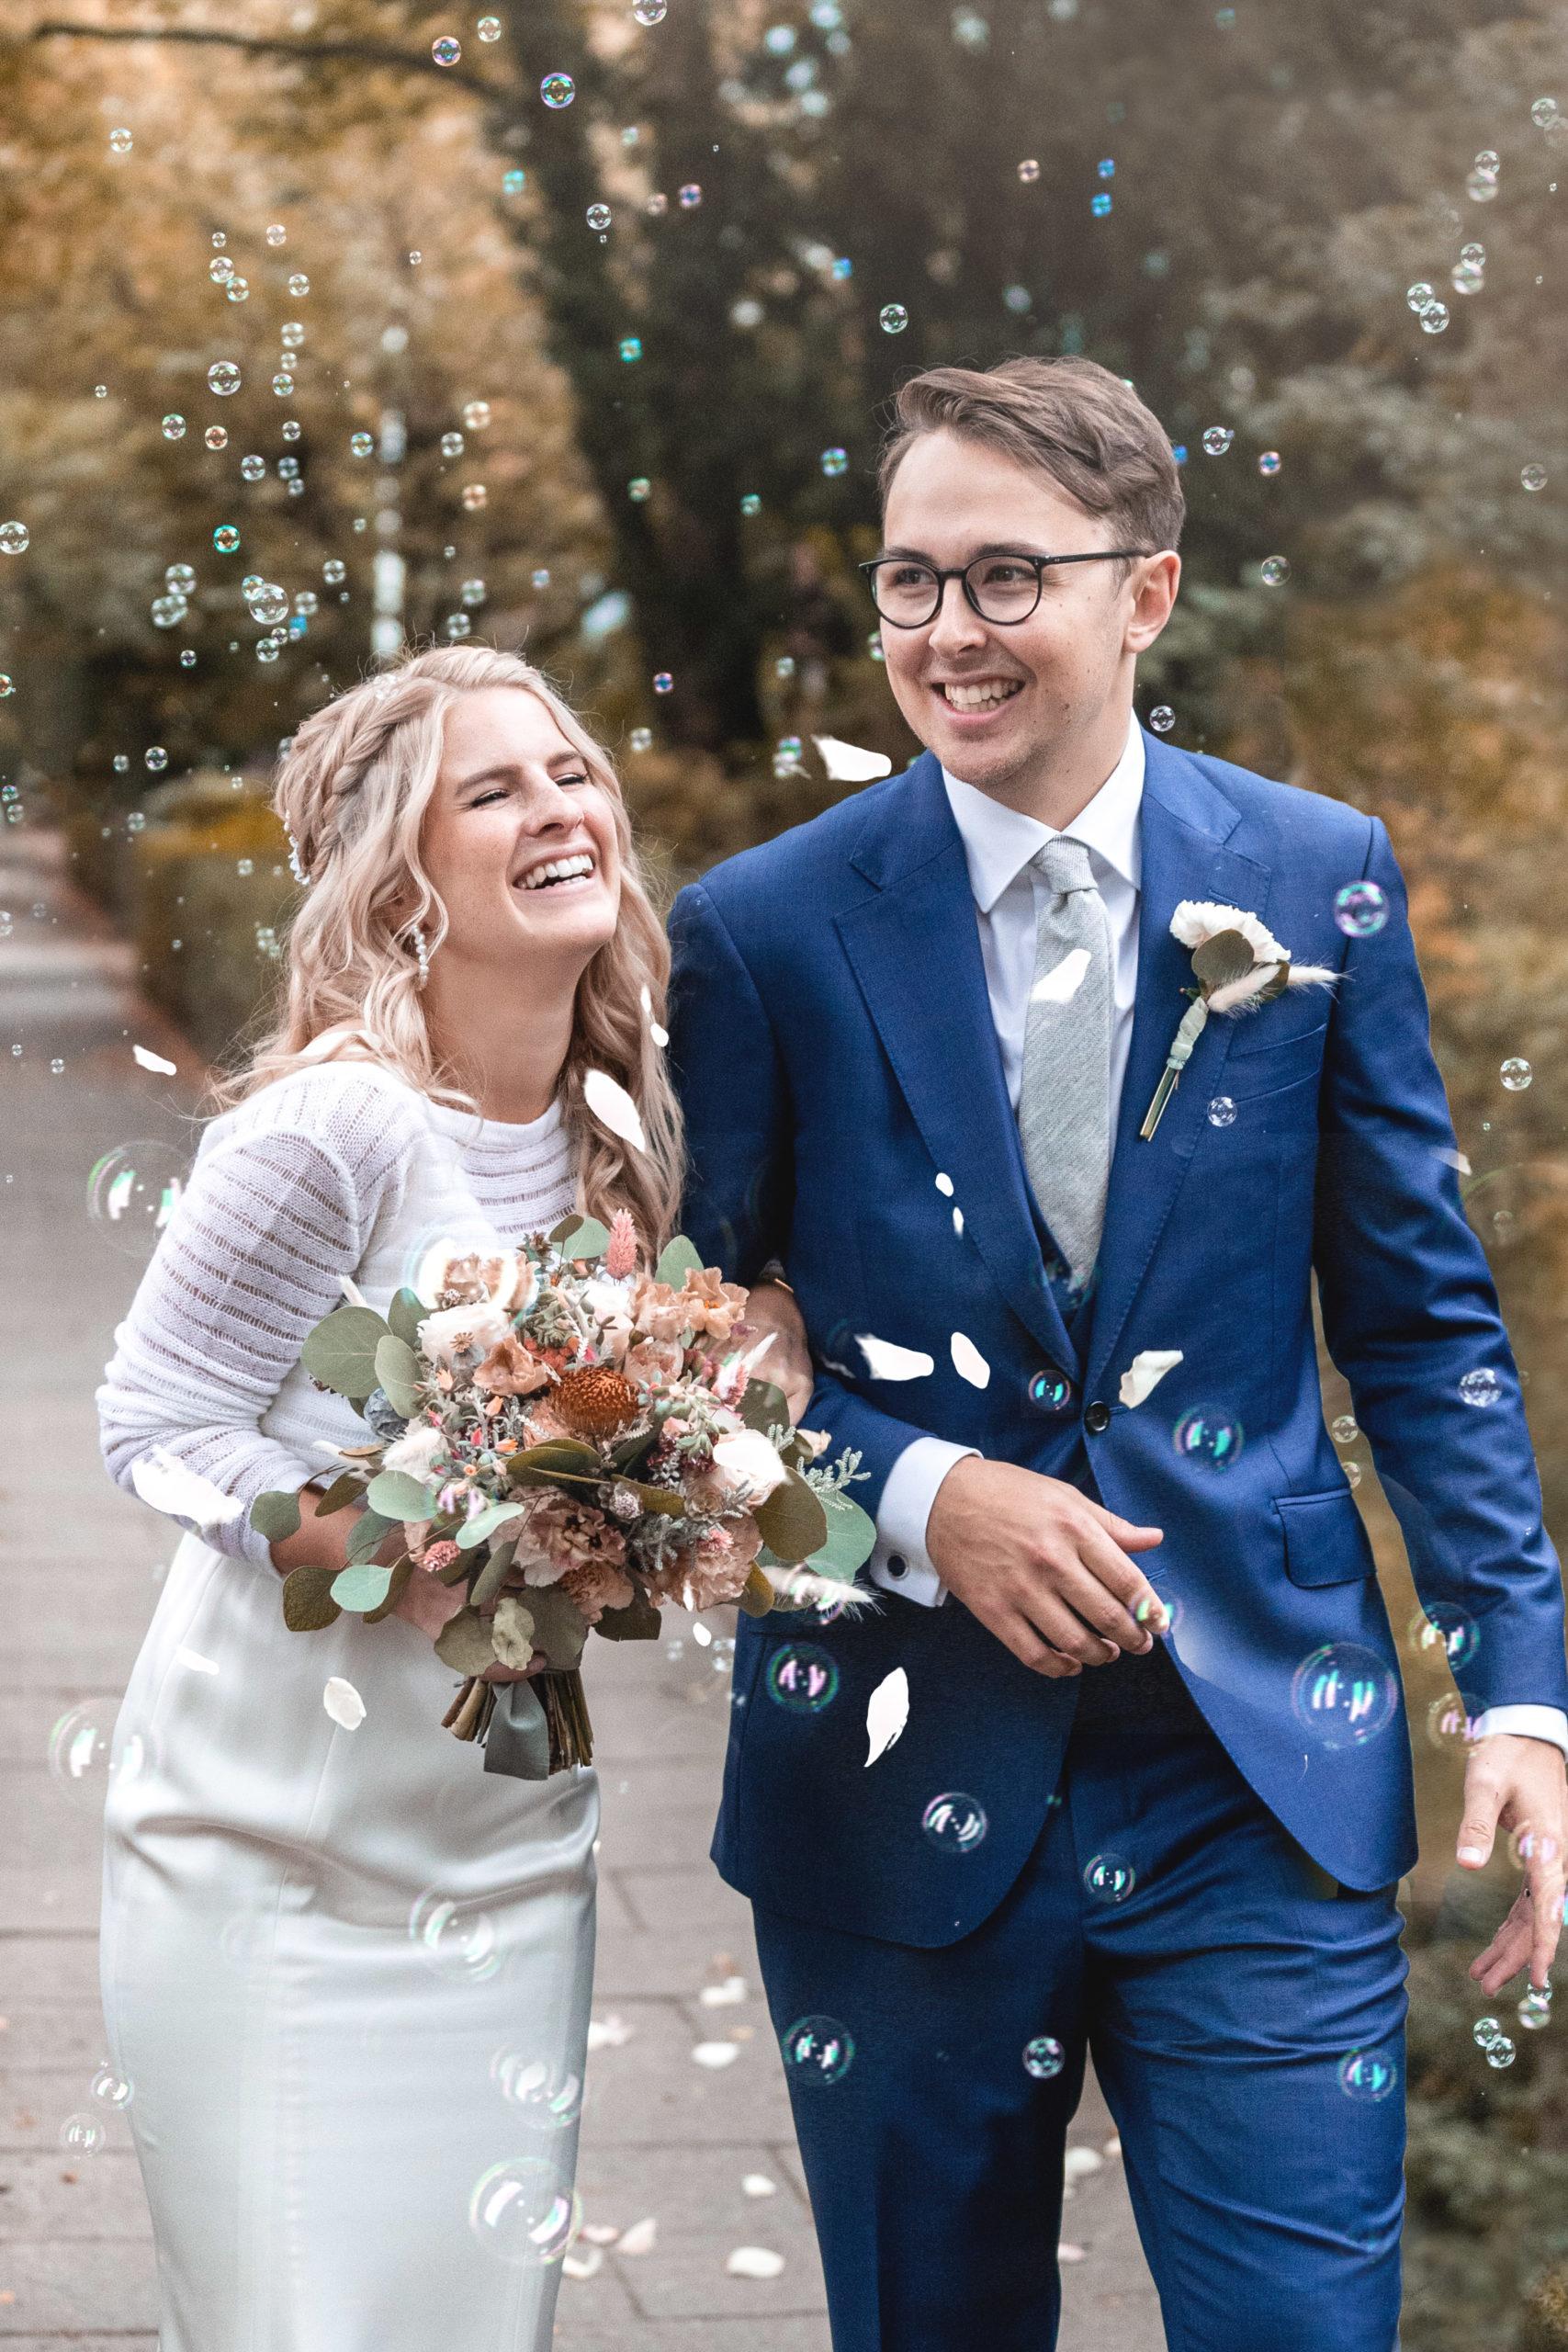 Hochzeitsfilm, Hochzeitsfotografie, Brautpaar, Lüneburger Heide, glücklich